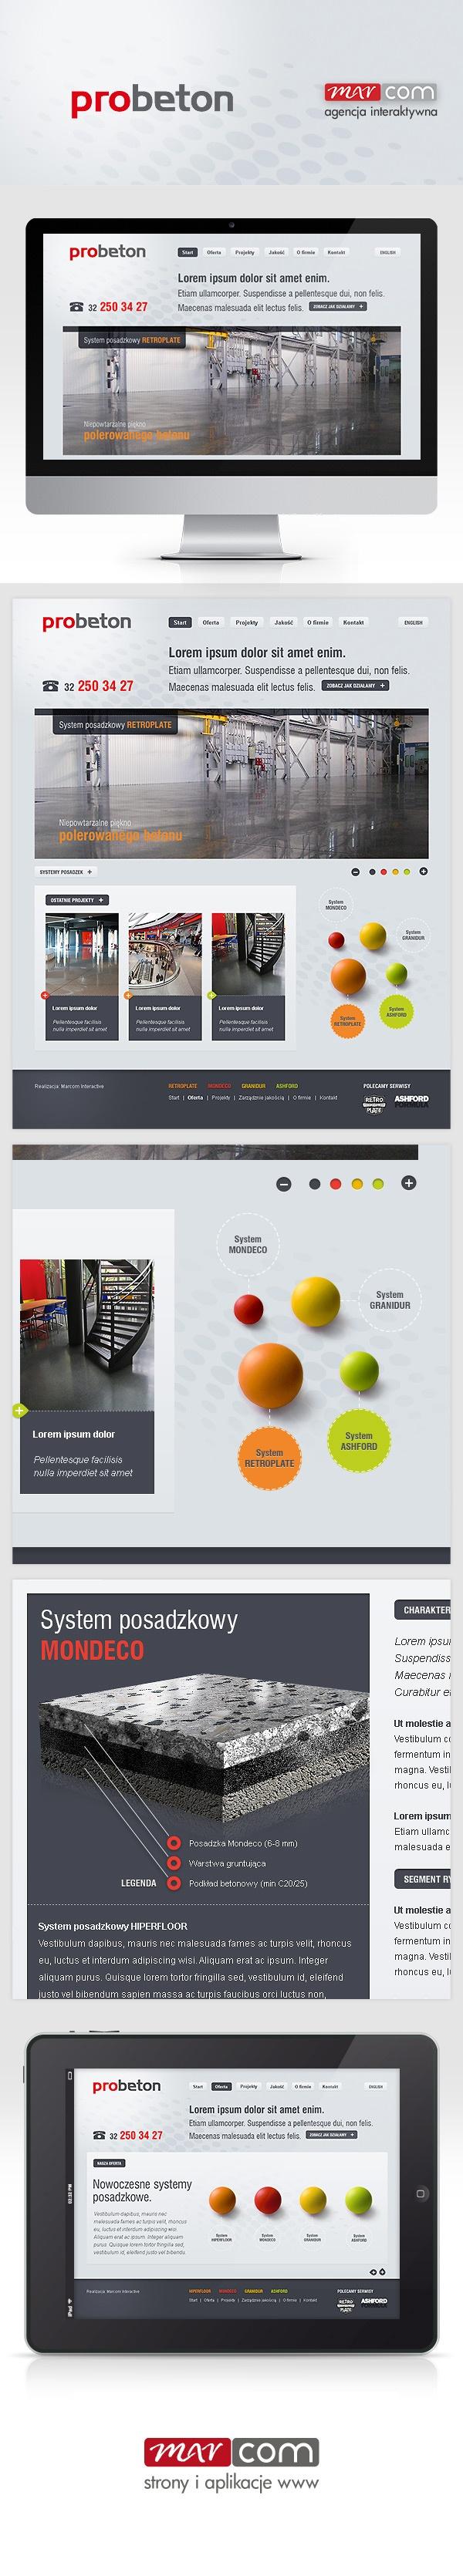 Projekt strony internetowej. Web design.